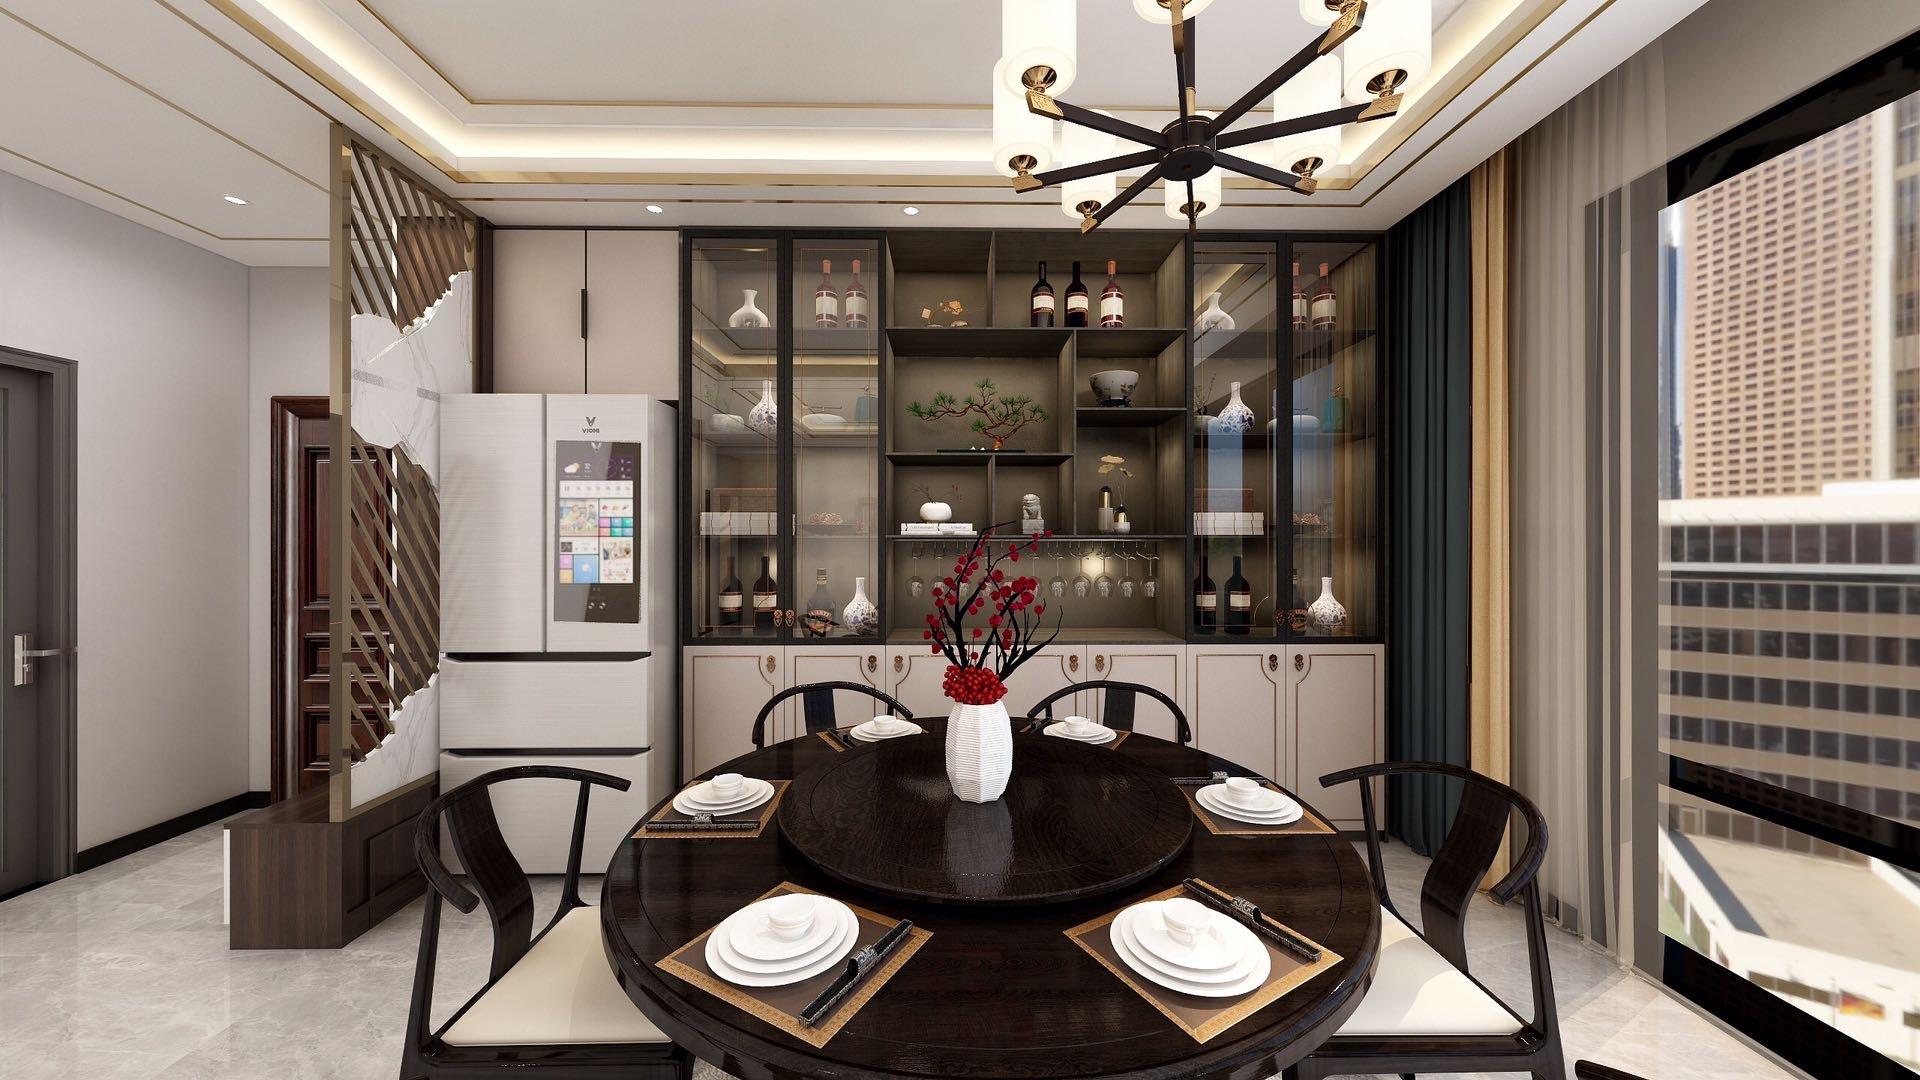 山西忻州御龙庭三室两厅两卫新中式装修风格